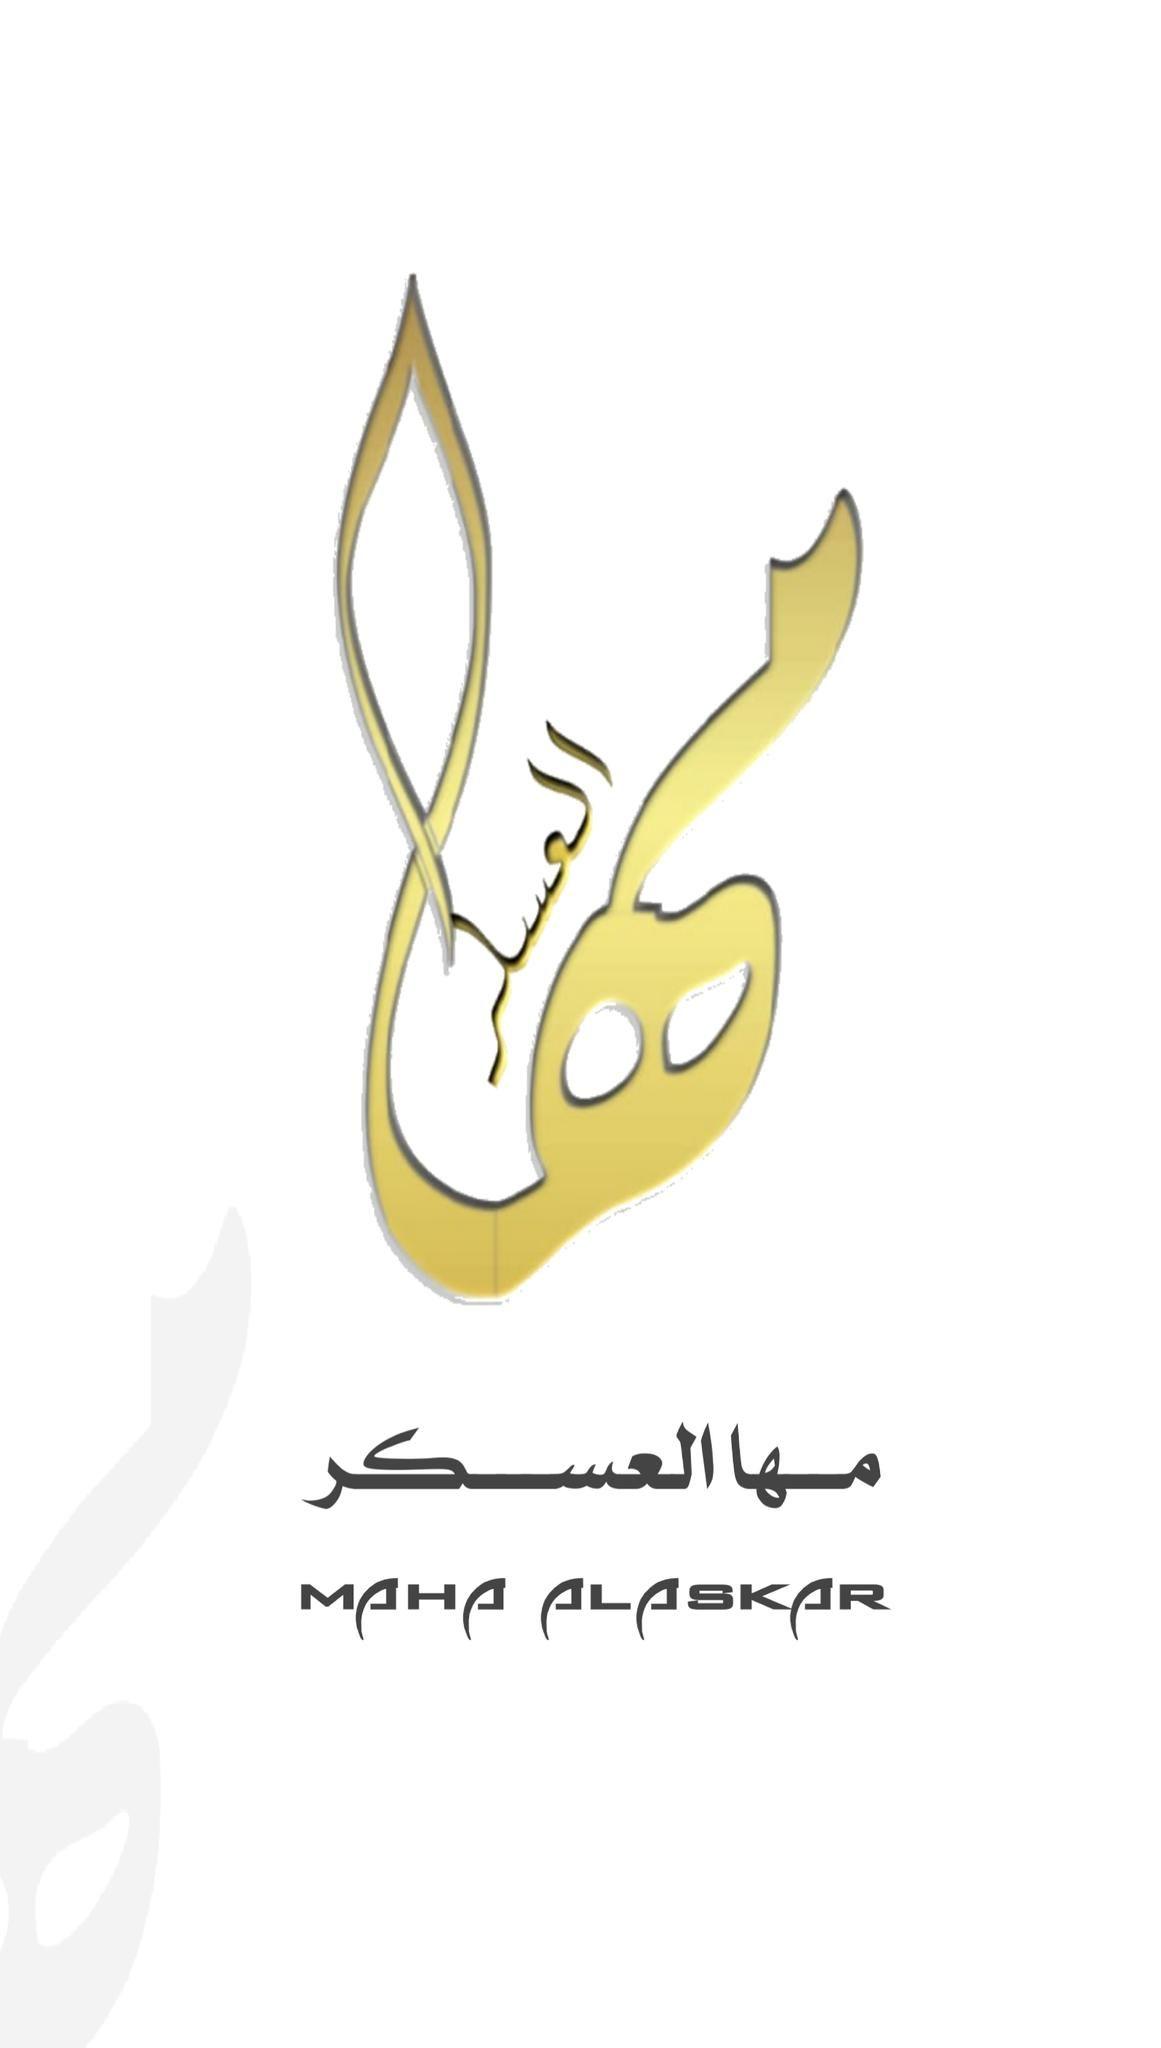 Maha Al Askar